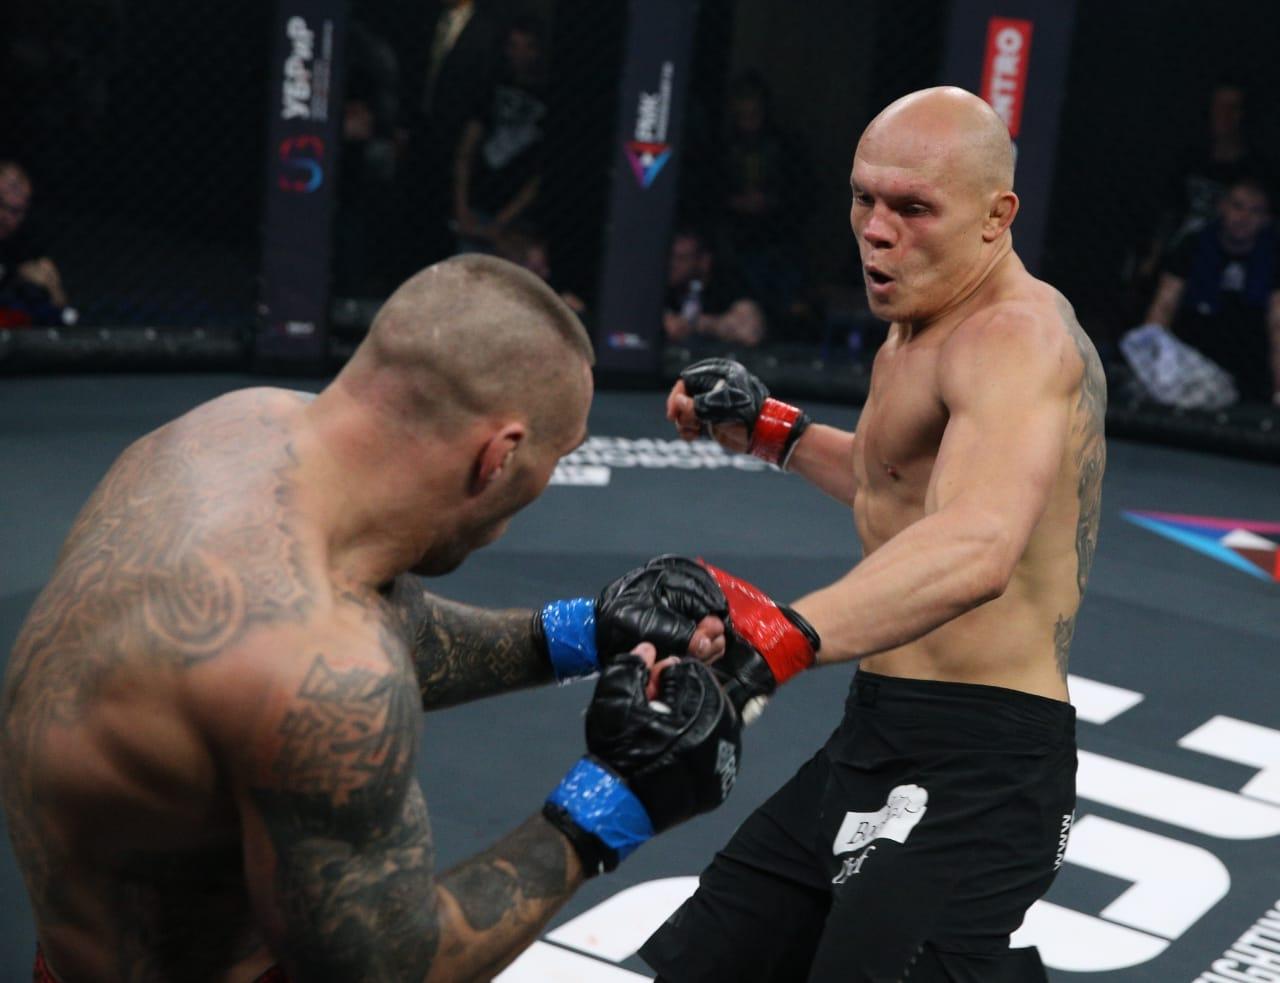 Гуськов попал Калинину в голову коленом и несколько раз руками